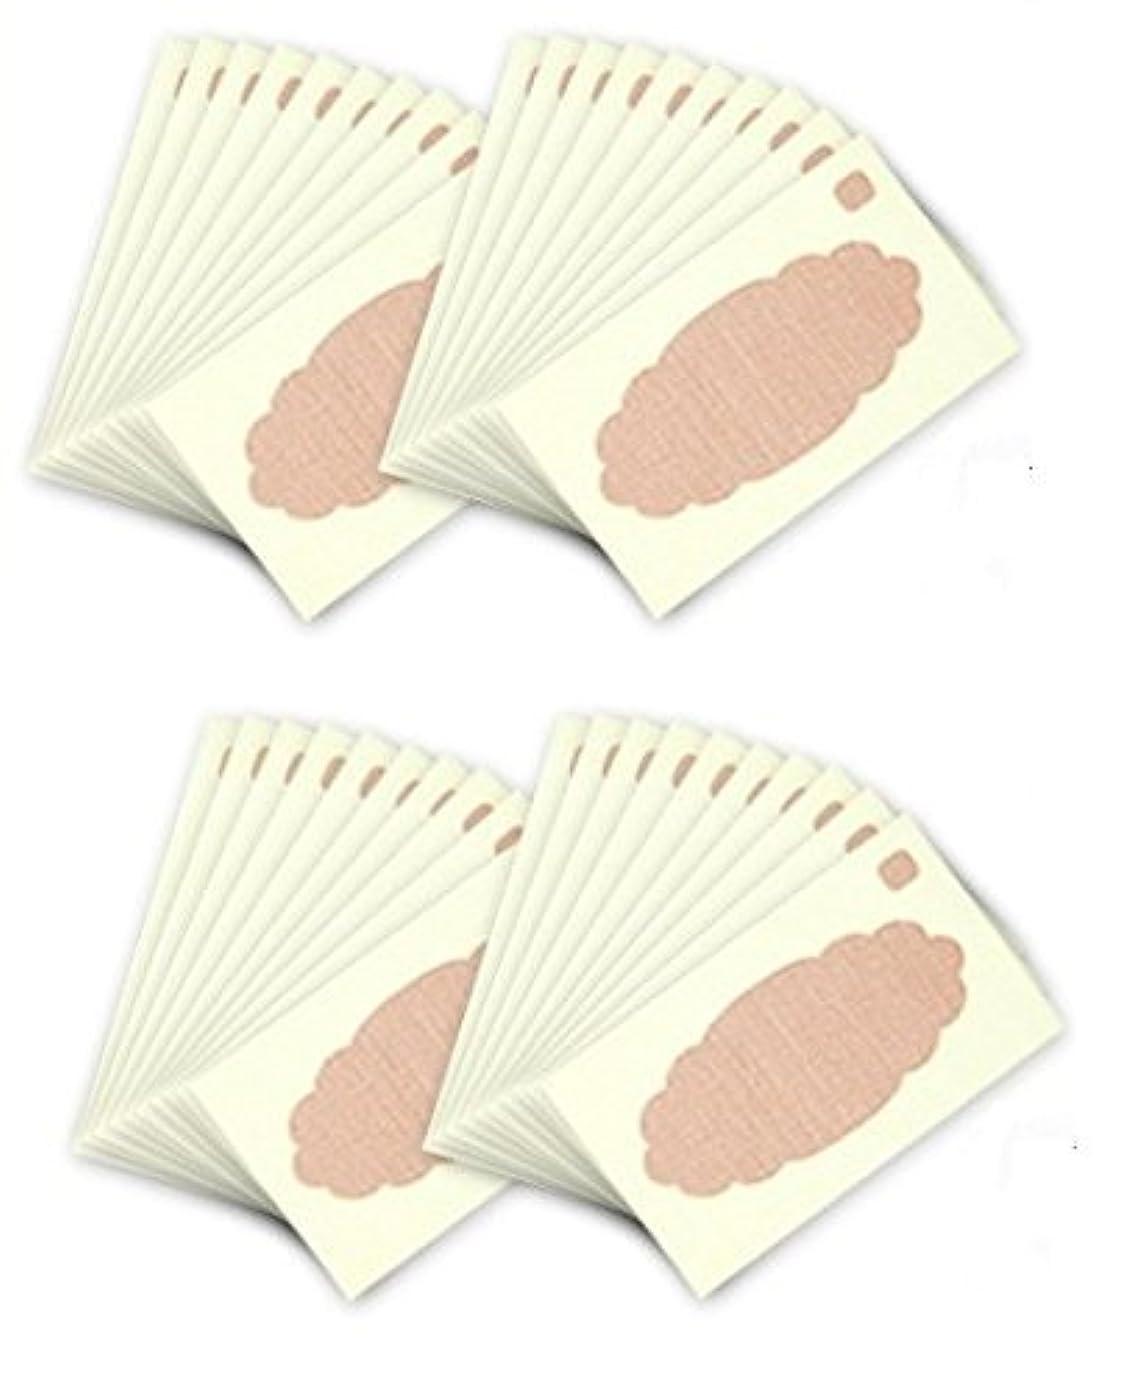 むしゃむしゃ管理ニュース汗取りパッド ワキに直接貼る汗とりシートワイド 20枚×2セット(たっぷり40枚 特別お得セット) ズレにくく汗を直接吸収!脇汗ジミ わき汗 対策